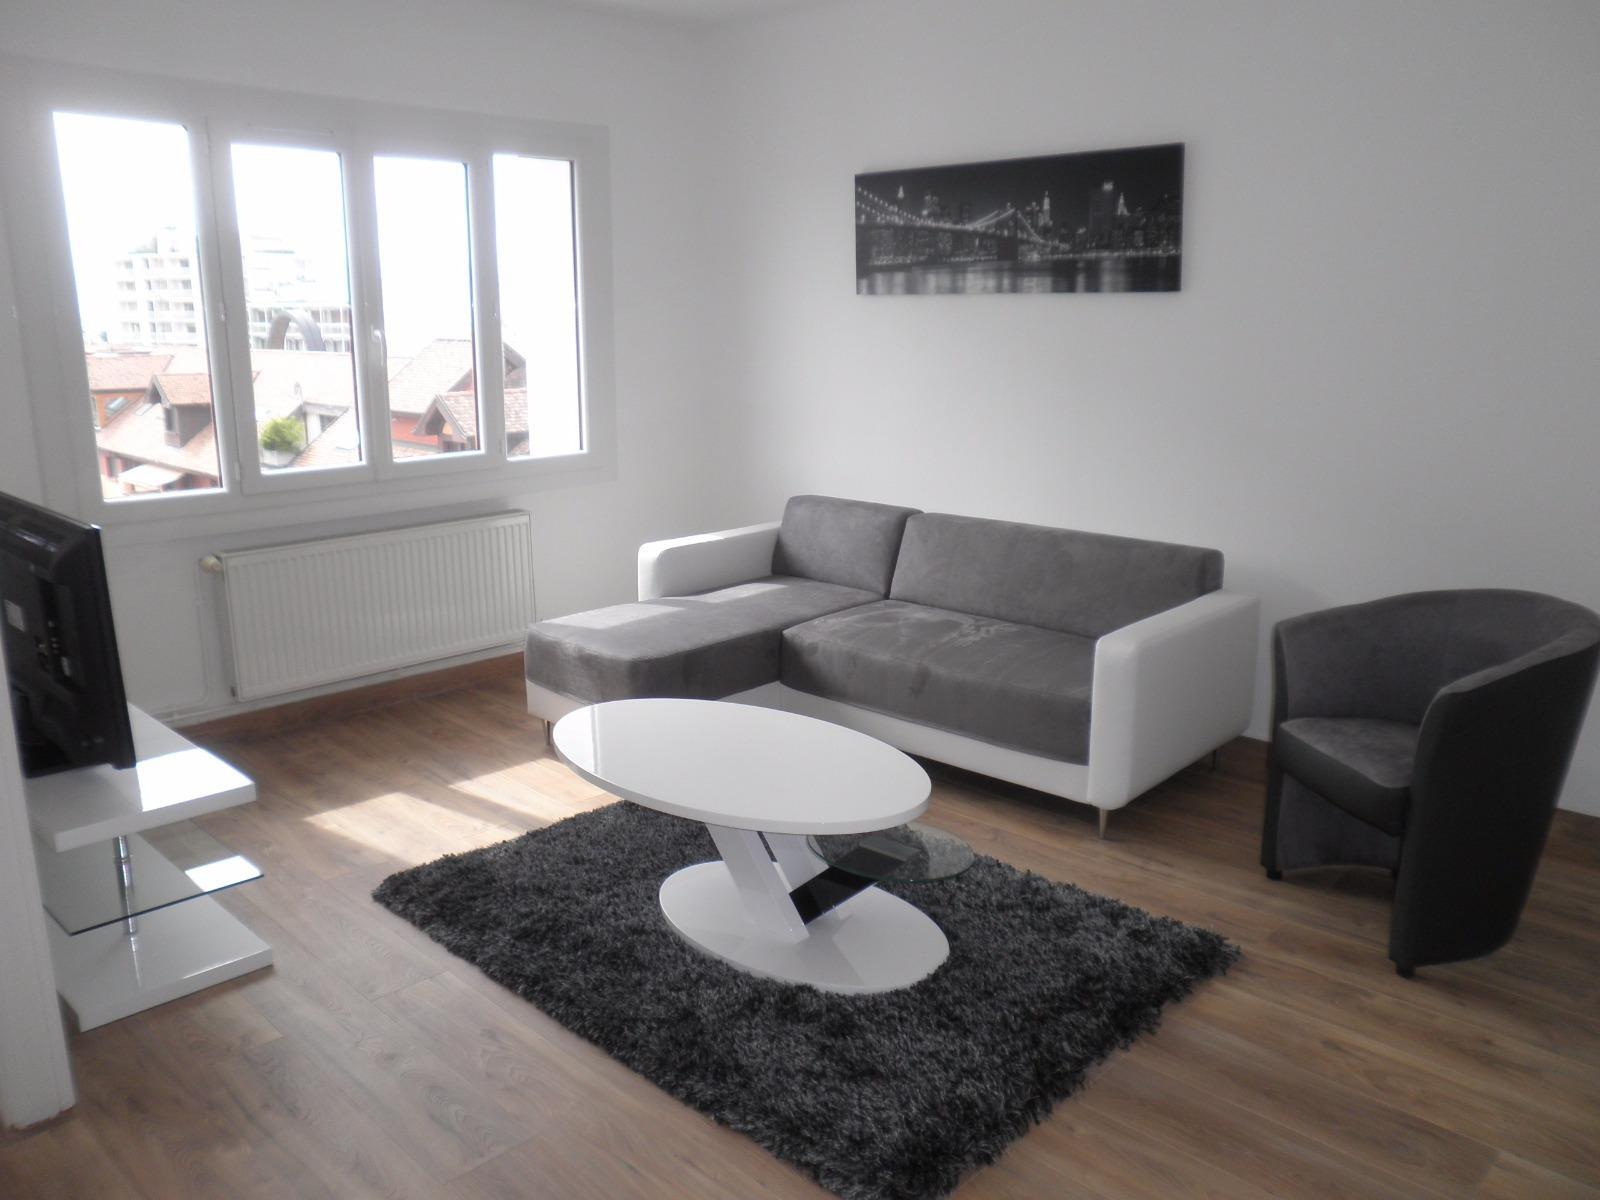 vente appartements thonon les bains evian les bains et plus vente studio t2 t3. Black Bedroom Furniture Sets. Home Design Ideas